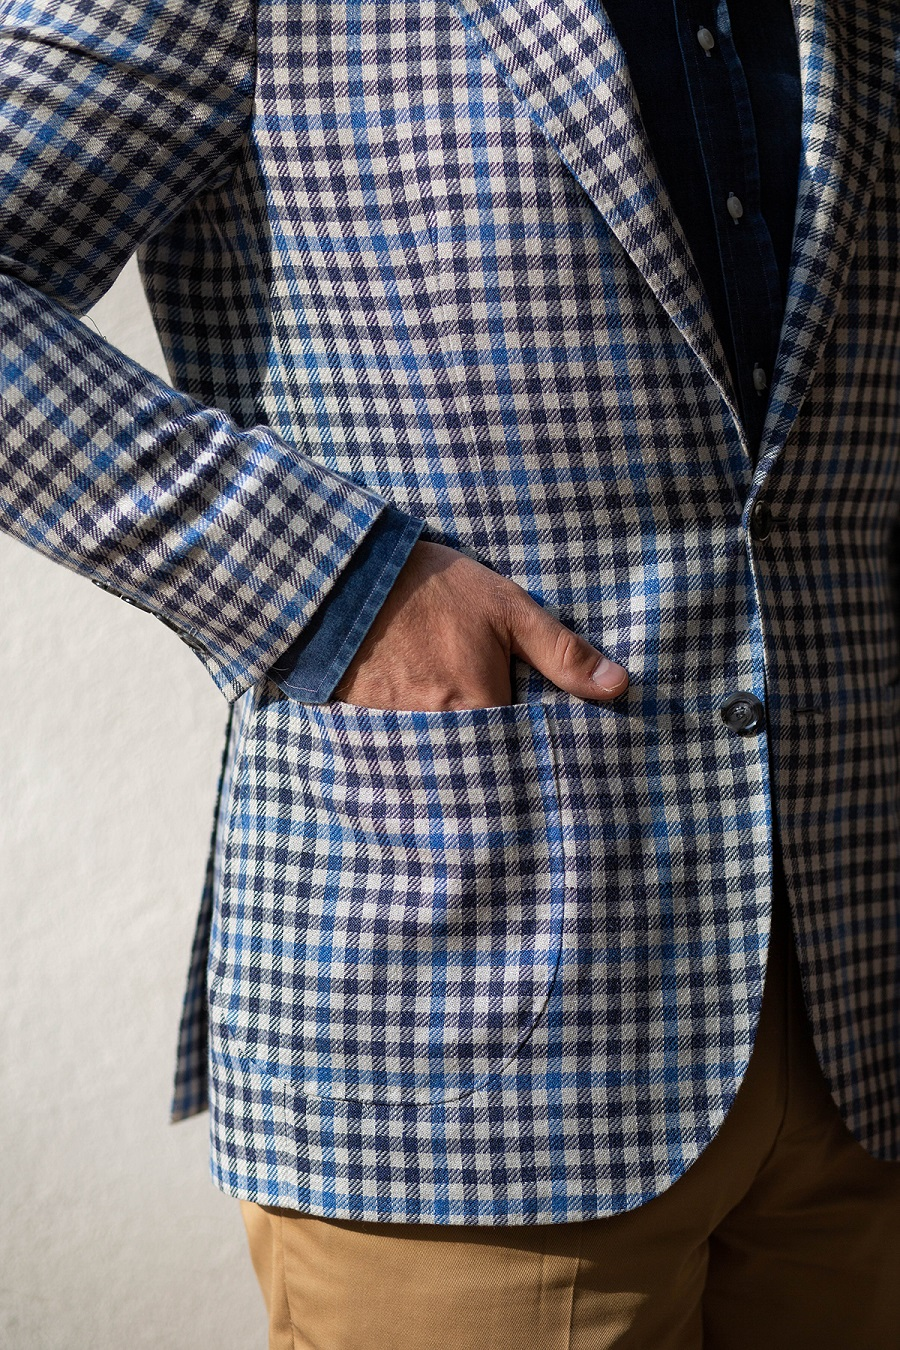 Ciemna koszula, jasna marynarka – czy tak można? | Mr